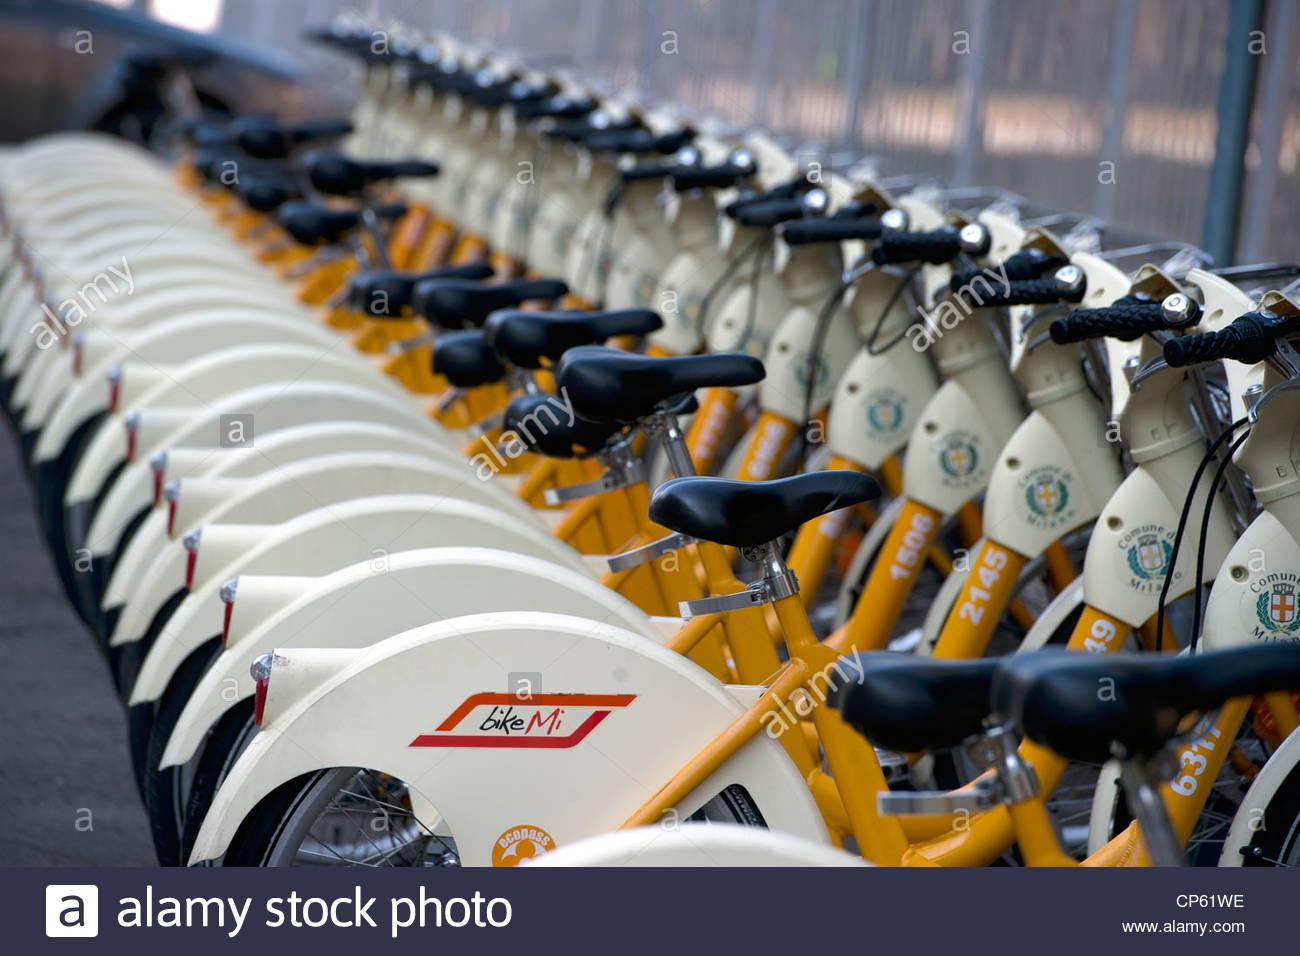 bike sharing,bikemi,milan - Stock Image